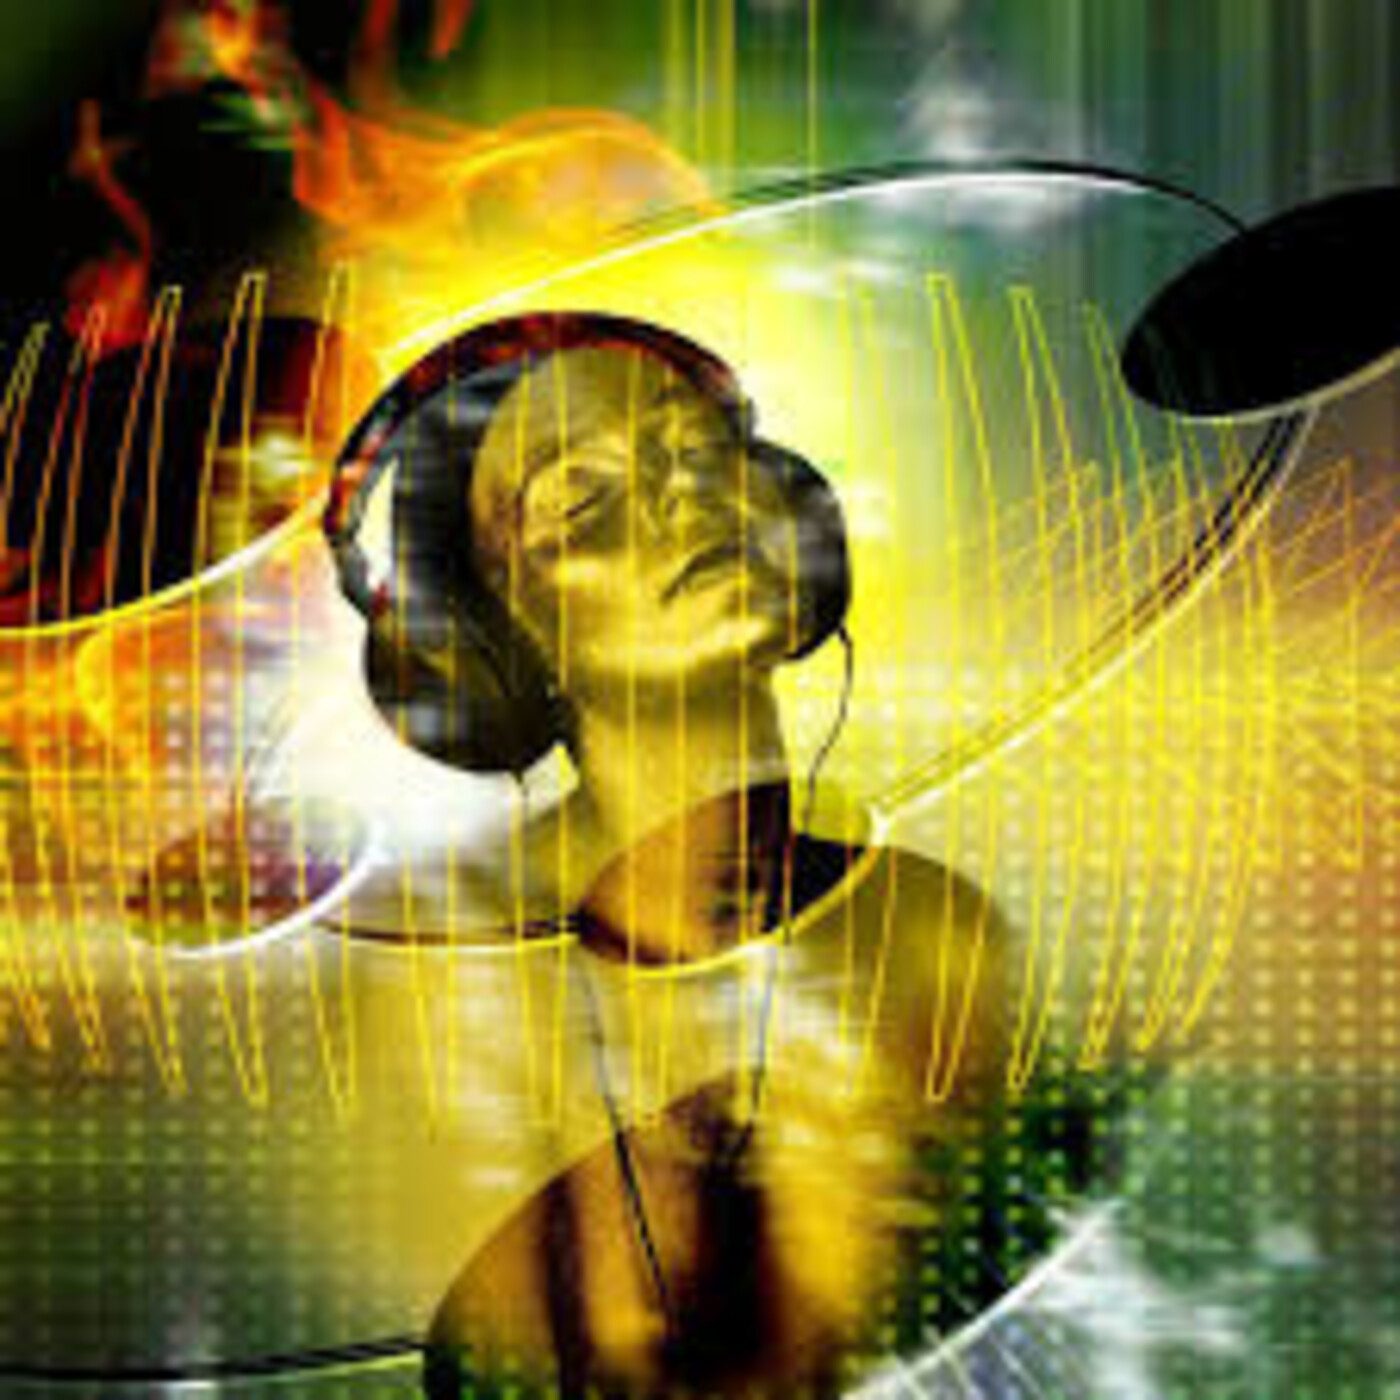 🔊 Música Sanadora Miedos y Culpa